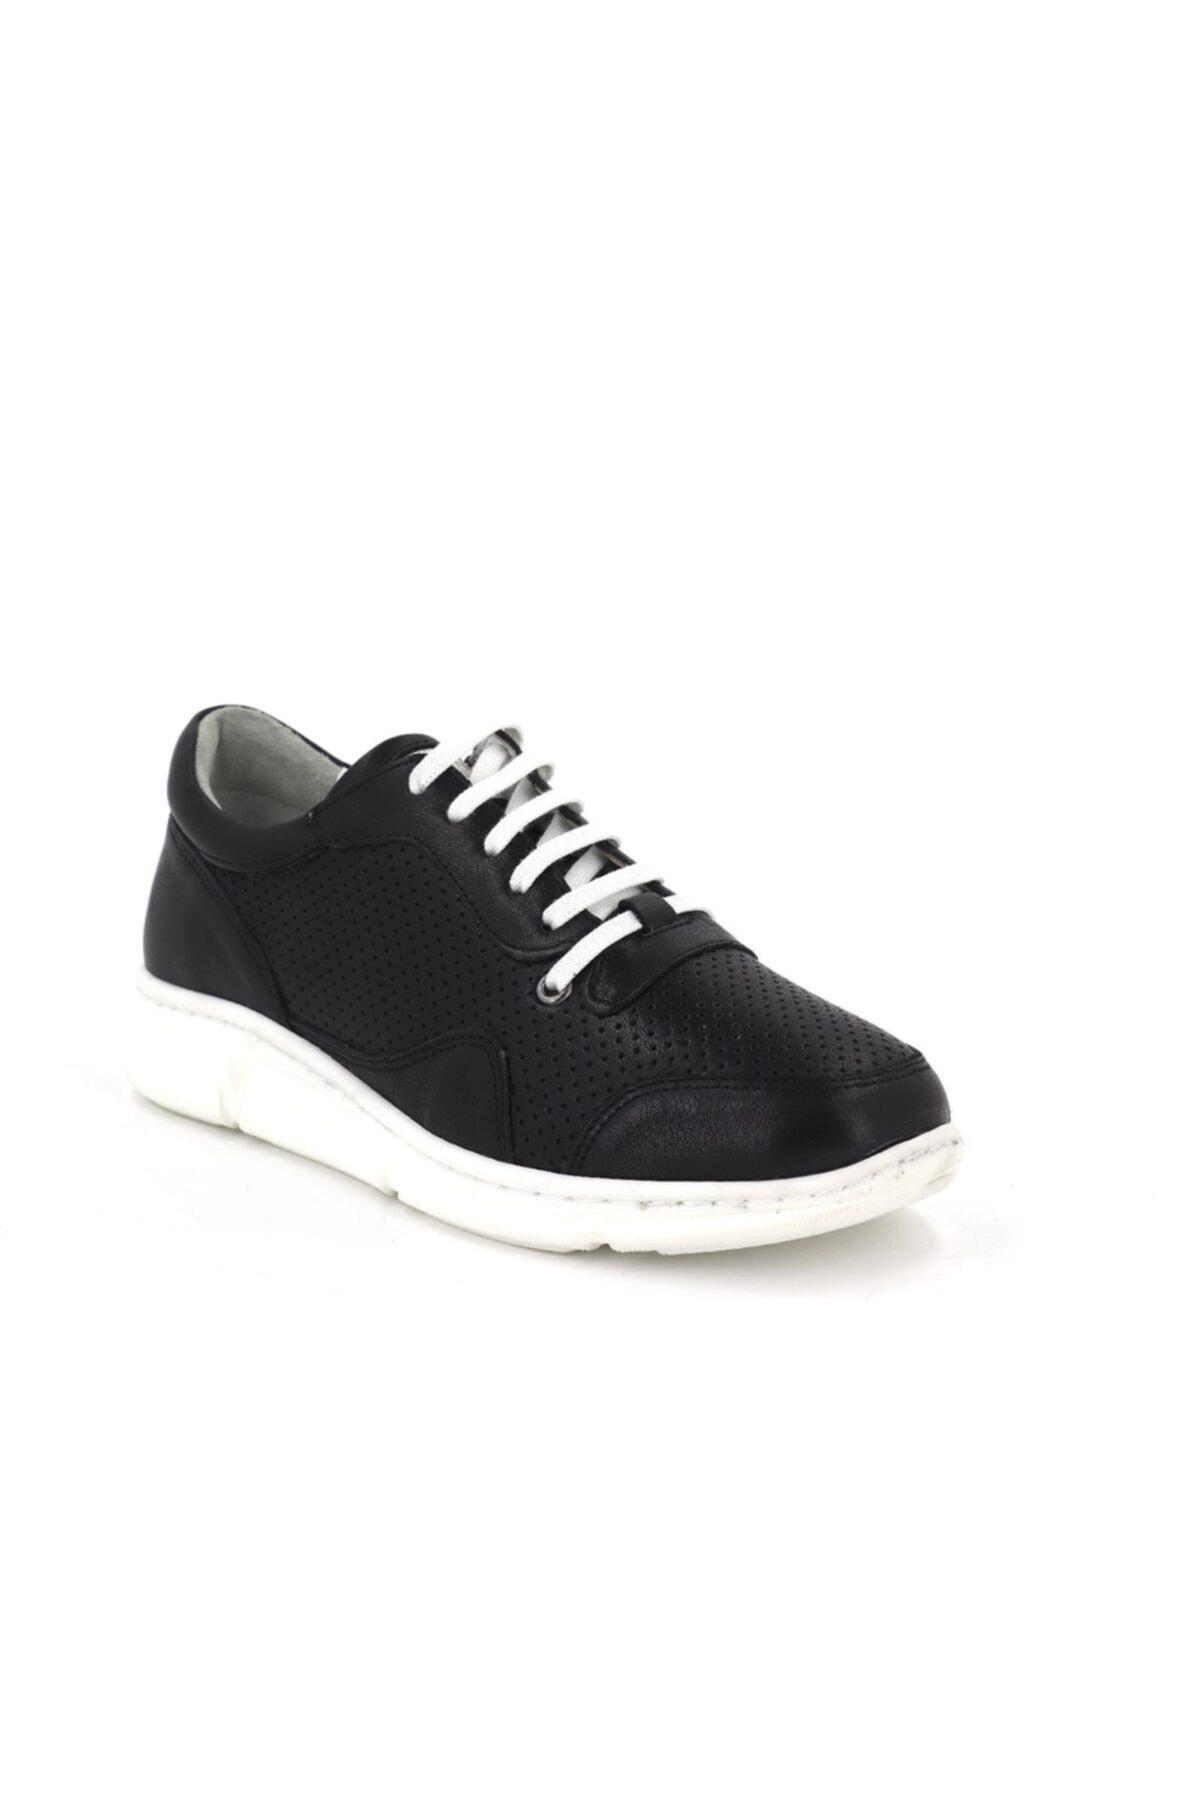 Hobby Divadonna Siyah Ortopedik Kadın Günlük Ayakkabı Dd2226 2